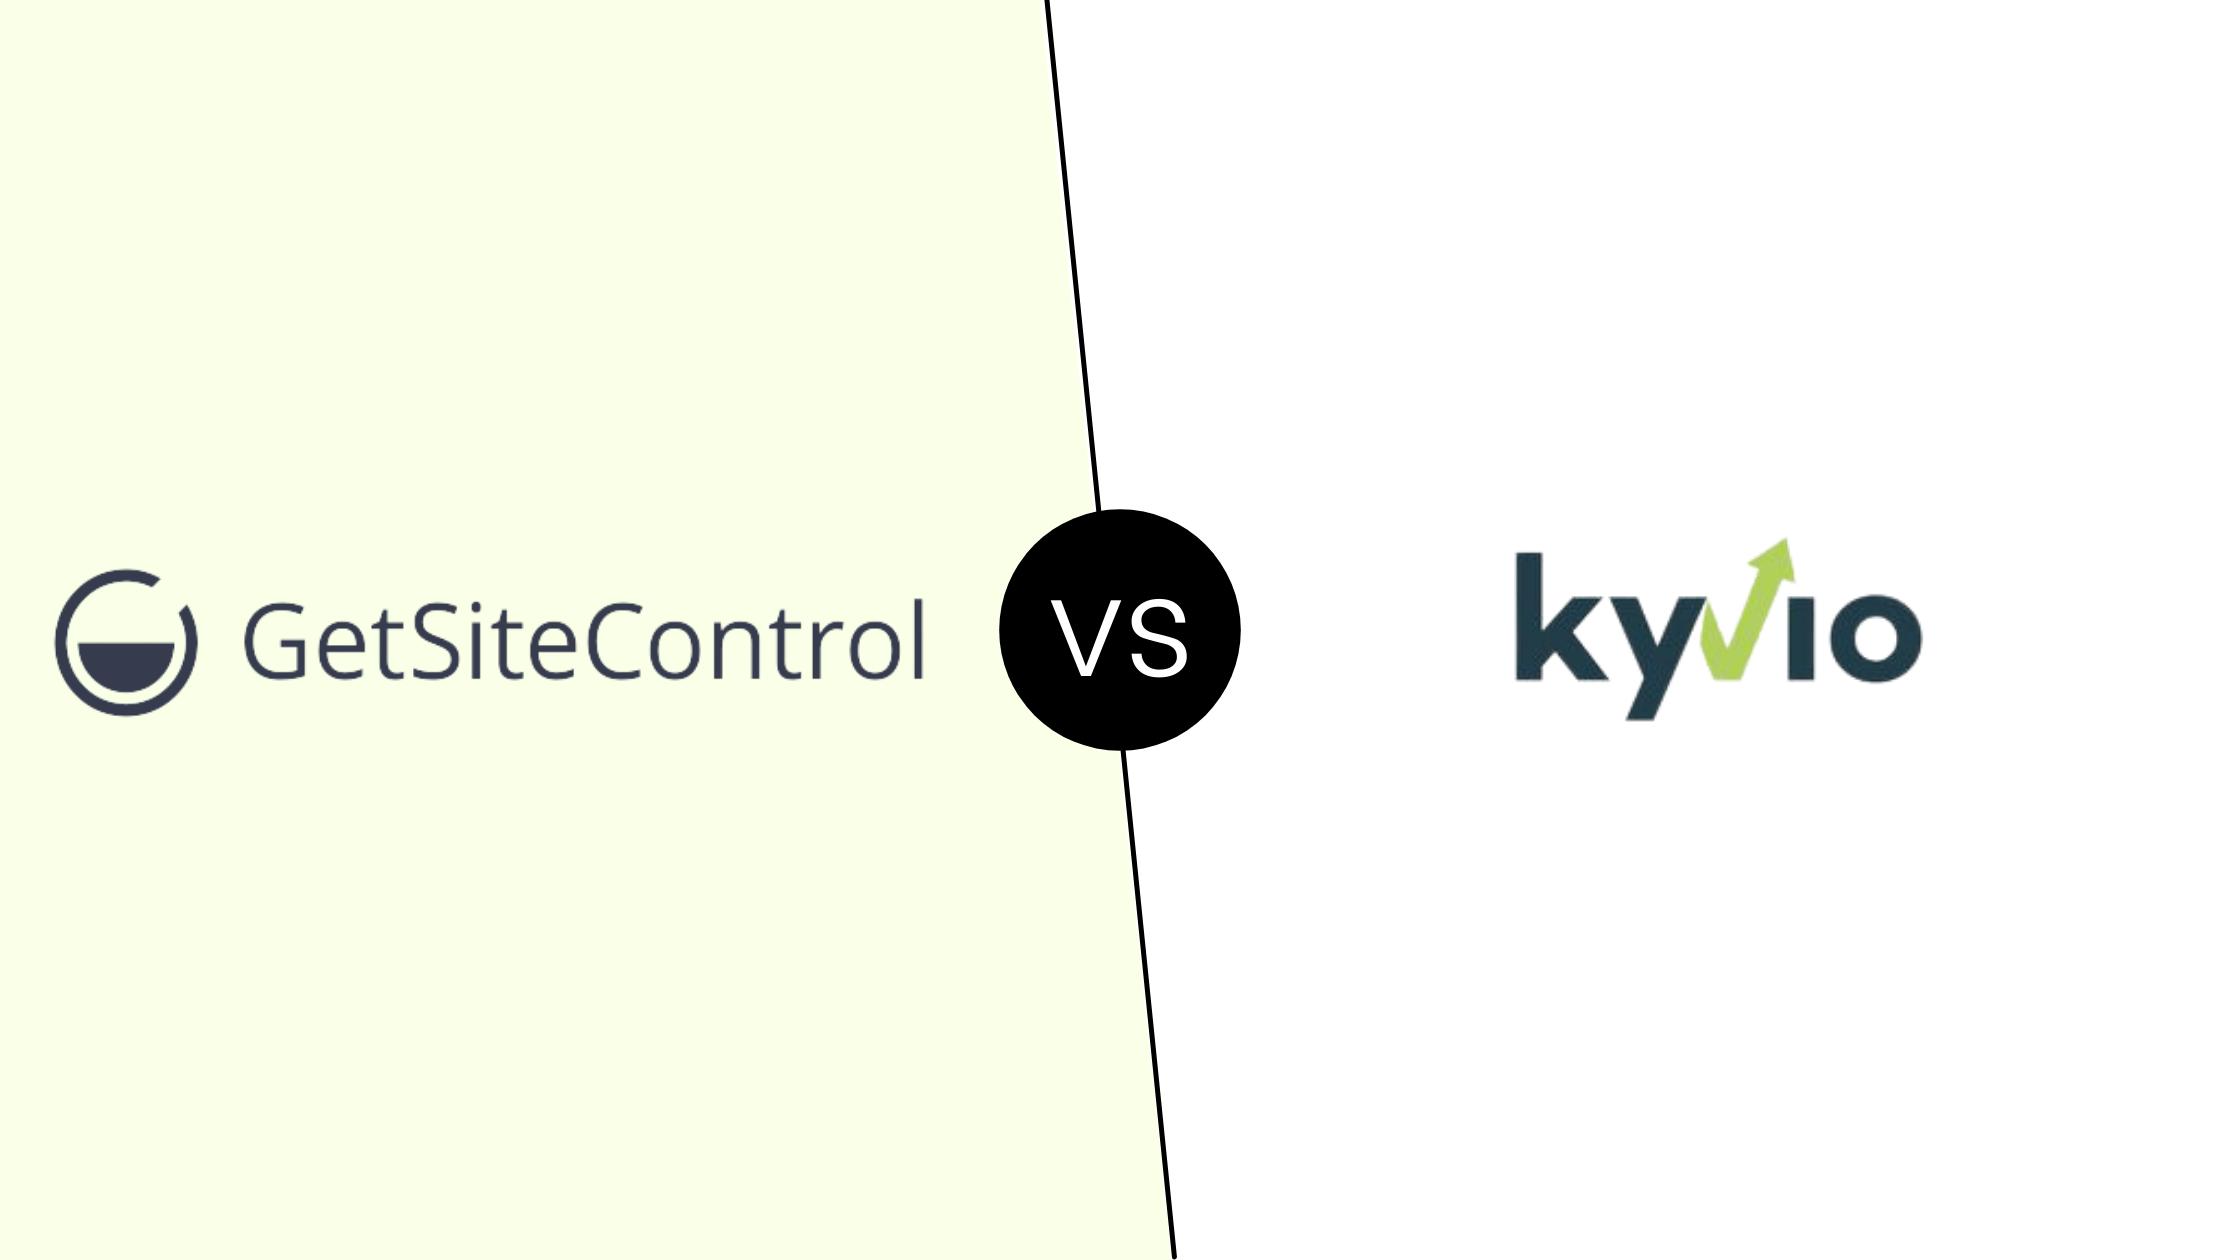 Getsitecontrol vs Kyvio